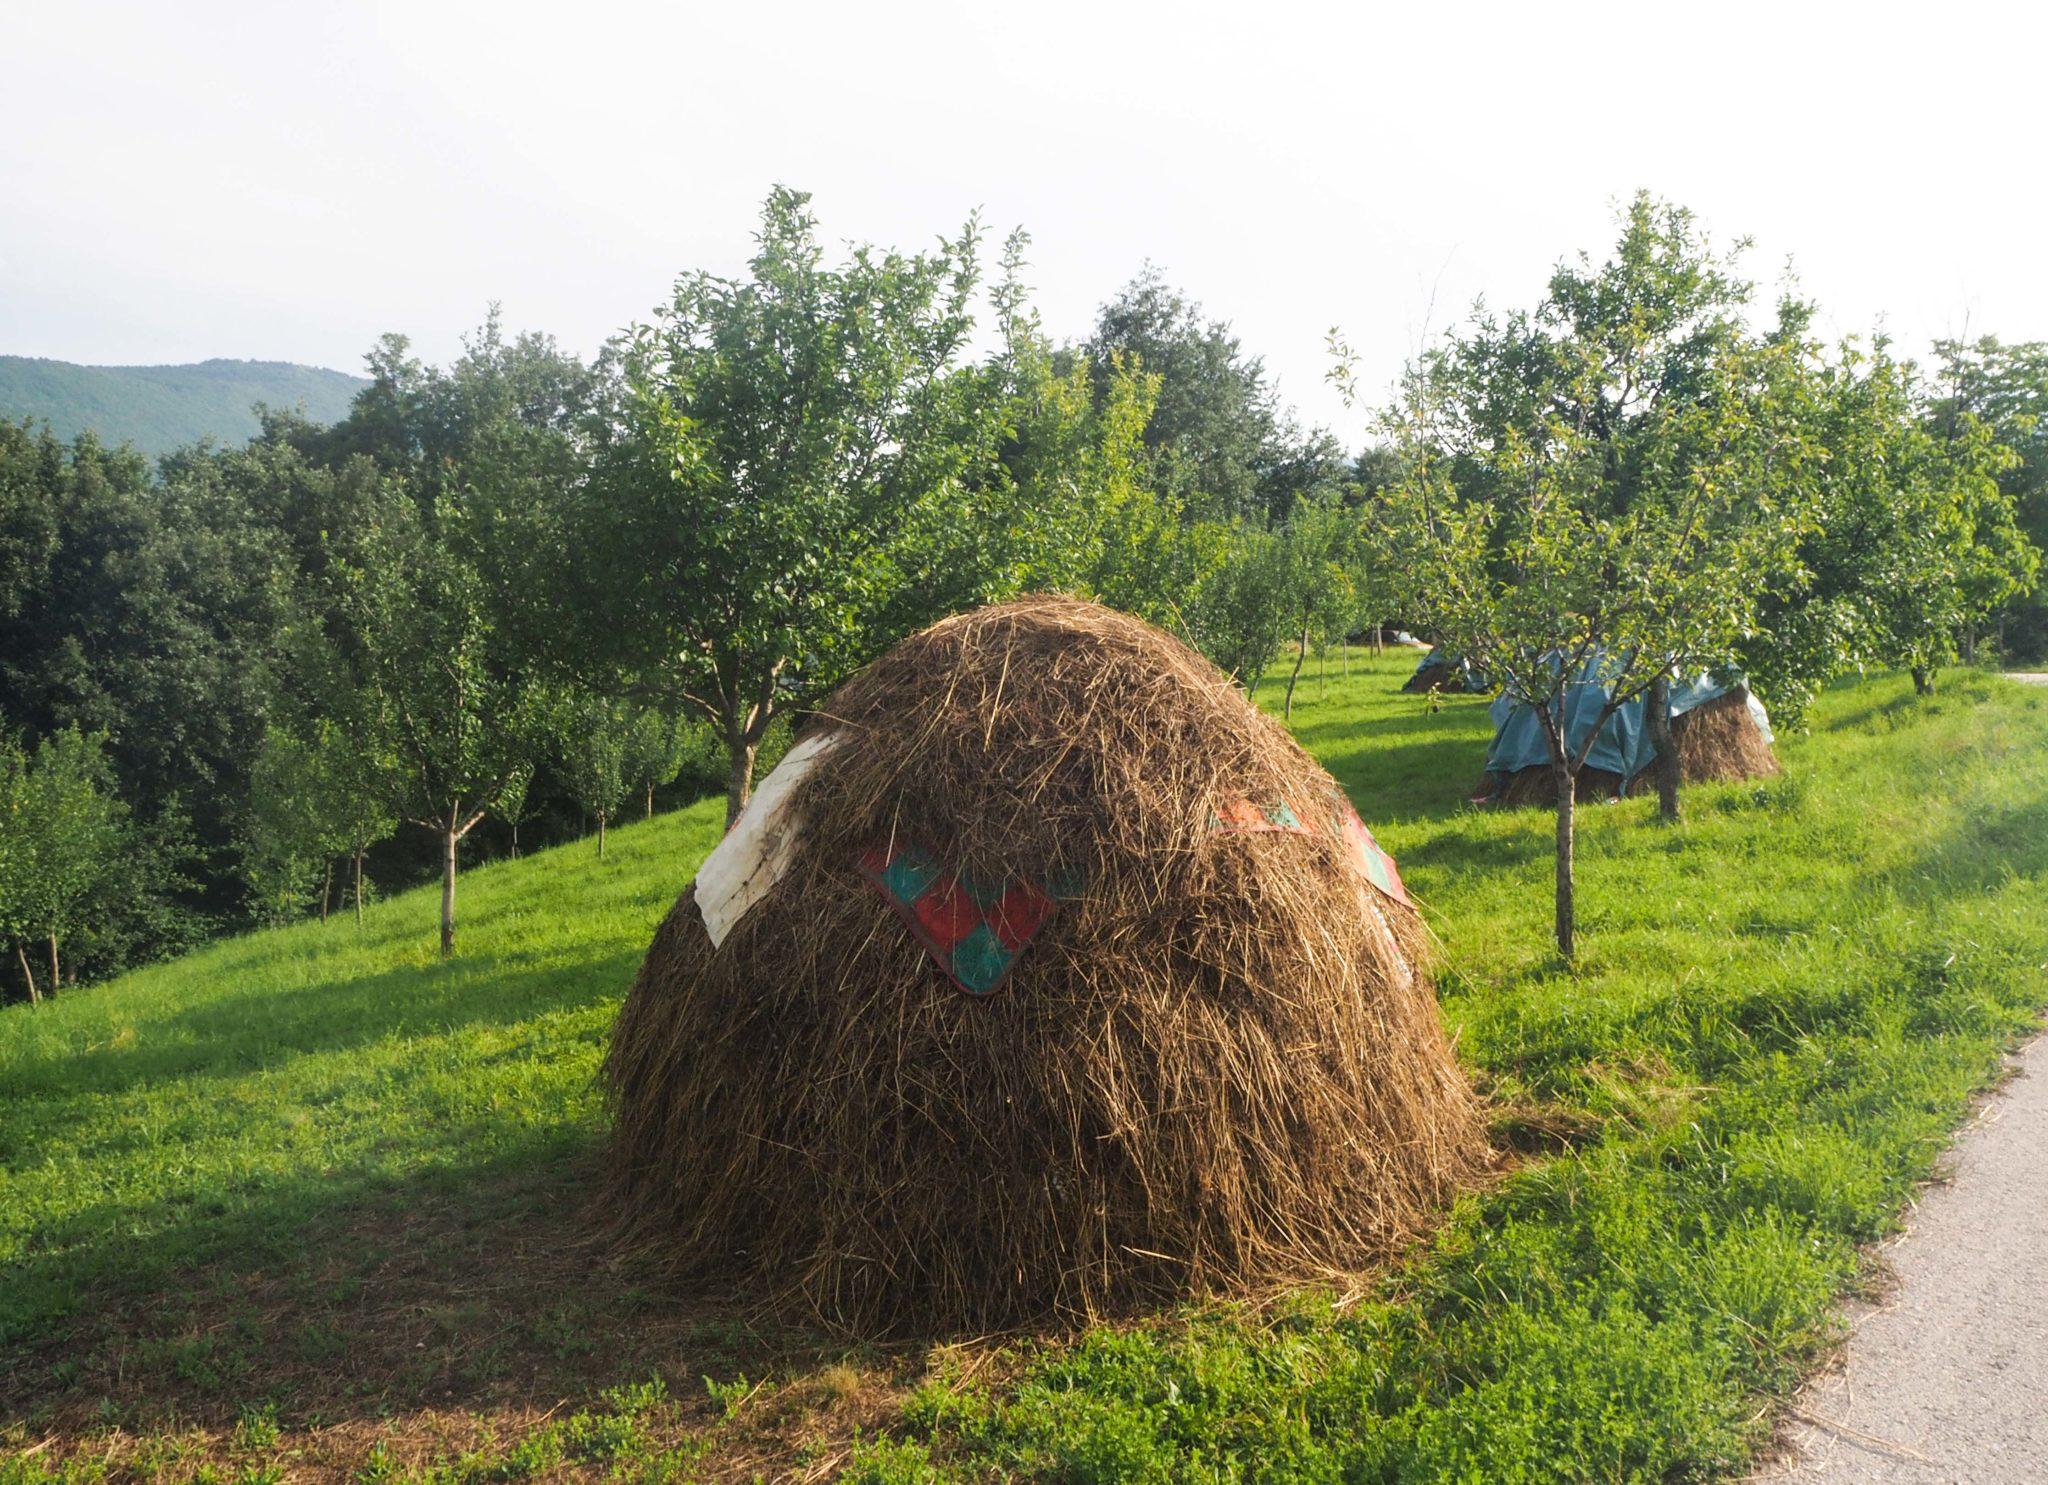 Arrivée à Ramsko Jezero, le lac de Rama en Bosnie-Herzégovine - Un été nomade en Bosnie - Voyages et Vagabondages, le blog du voyage en solo et au féminin